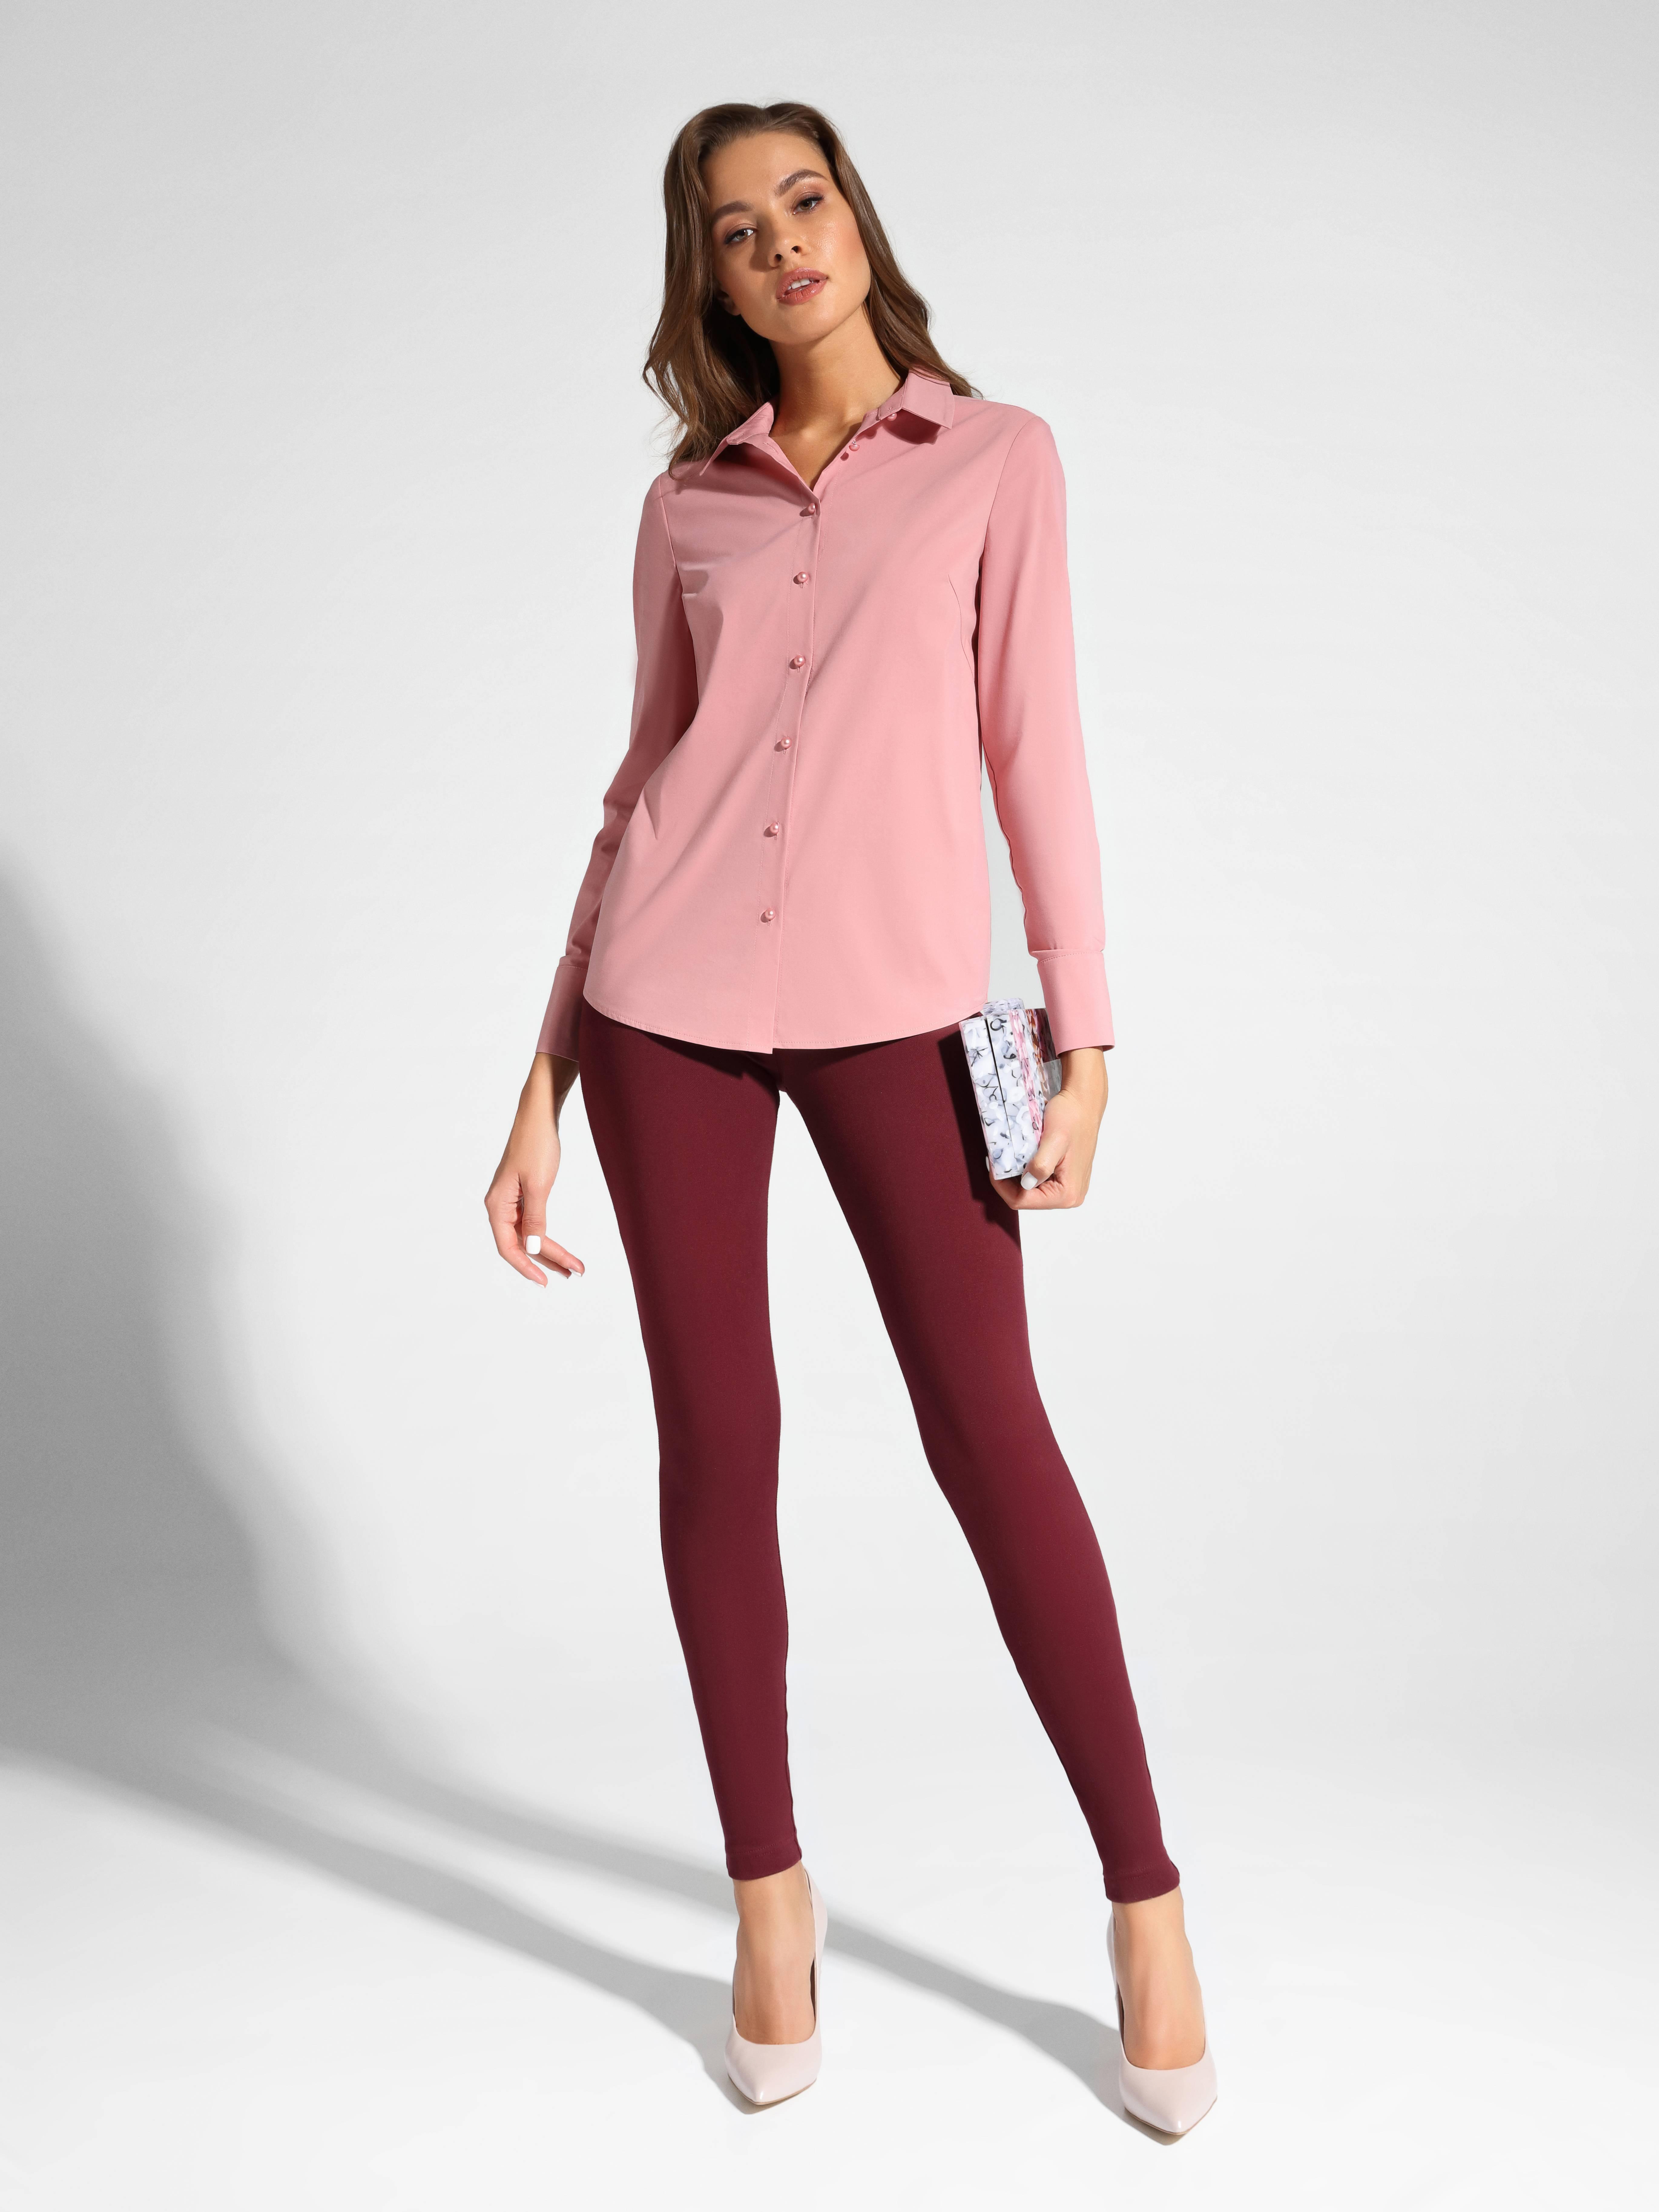 Блузка женская ⭐️ Классическая однотонная рубашка женская из хлопка LBL 1041 цвета пыльной розы ⭐️